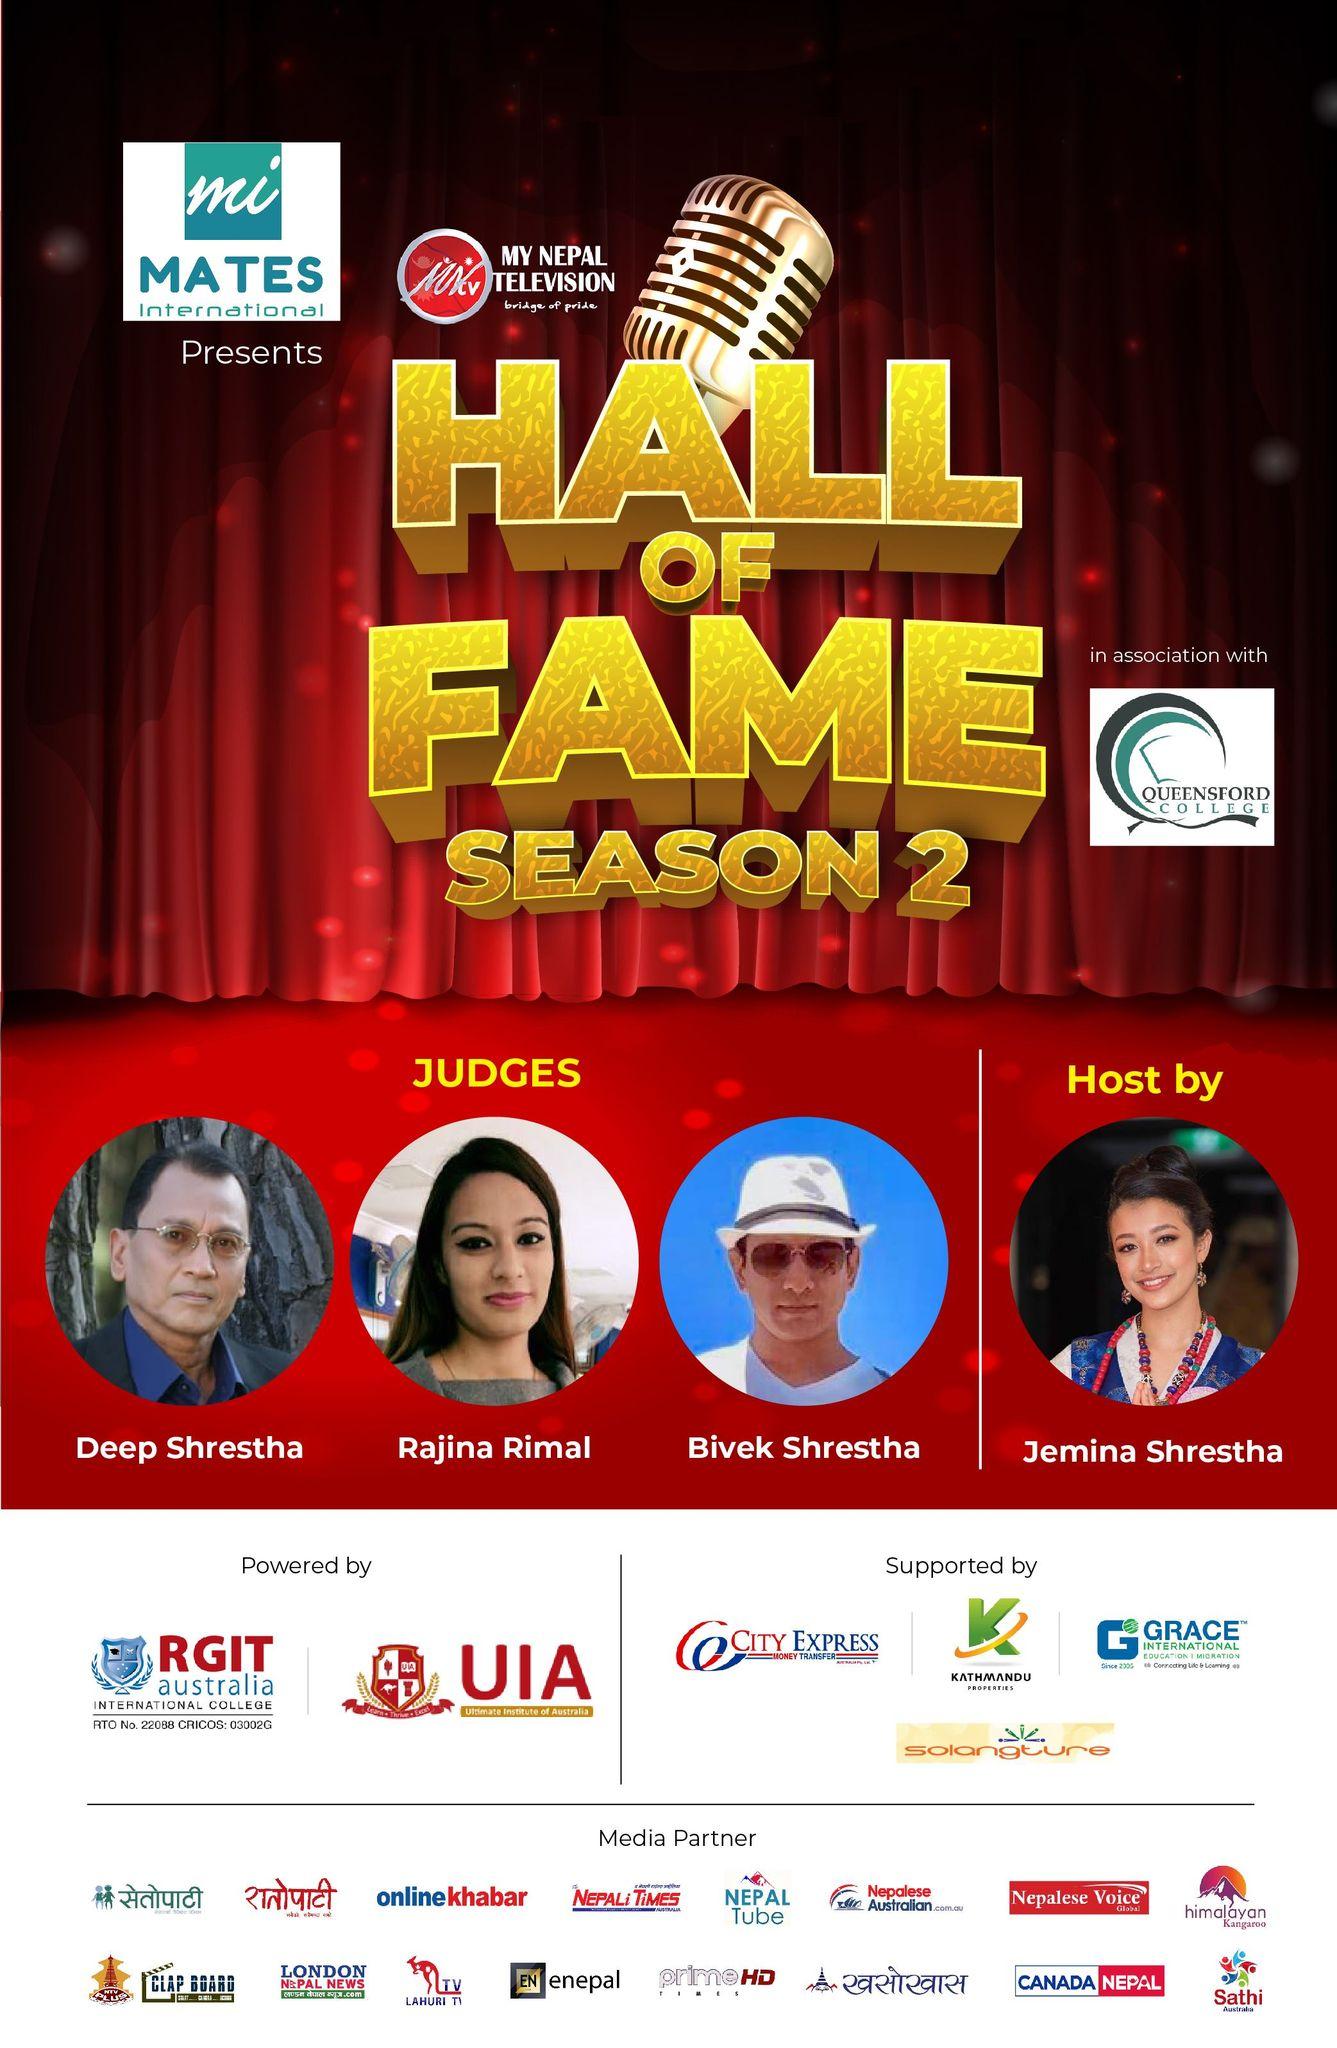 Hall of Fame season 2